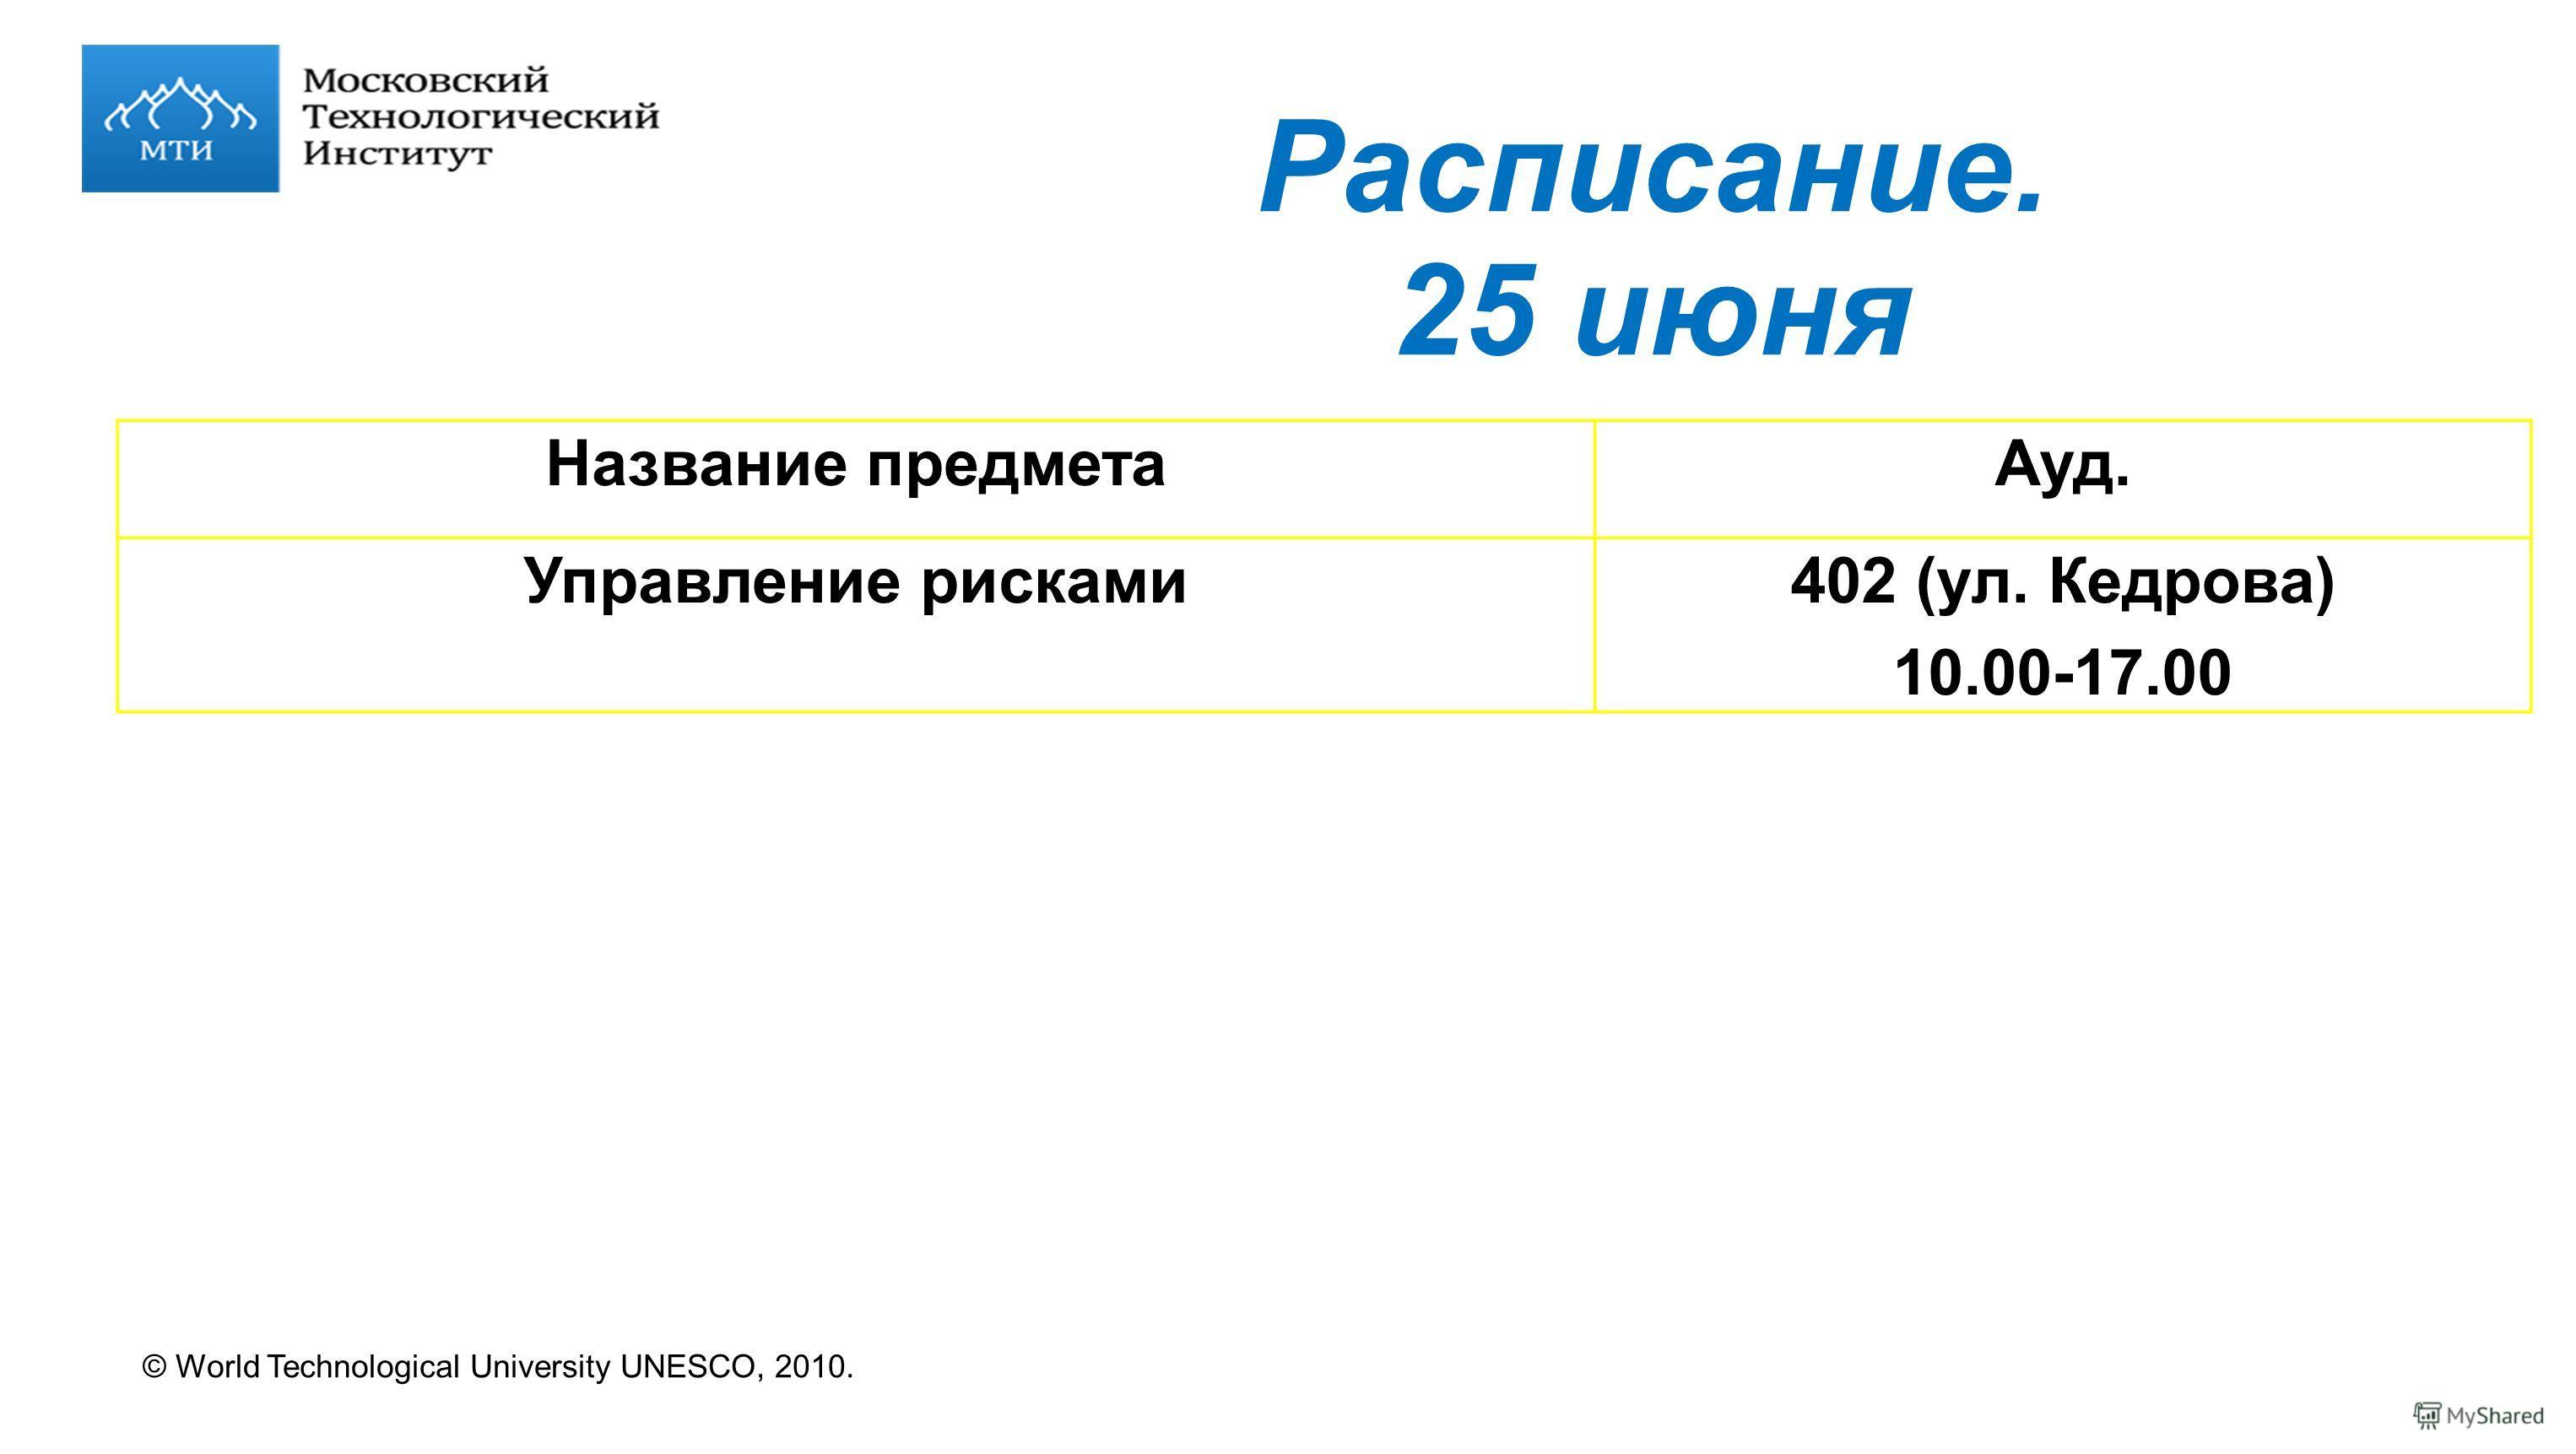 © World Technological University UNESCO, 2010. Расписание. 25 июня Название предметаАуд. Управление рисками402 (ул. Кедрова) 10.00-17.00